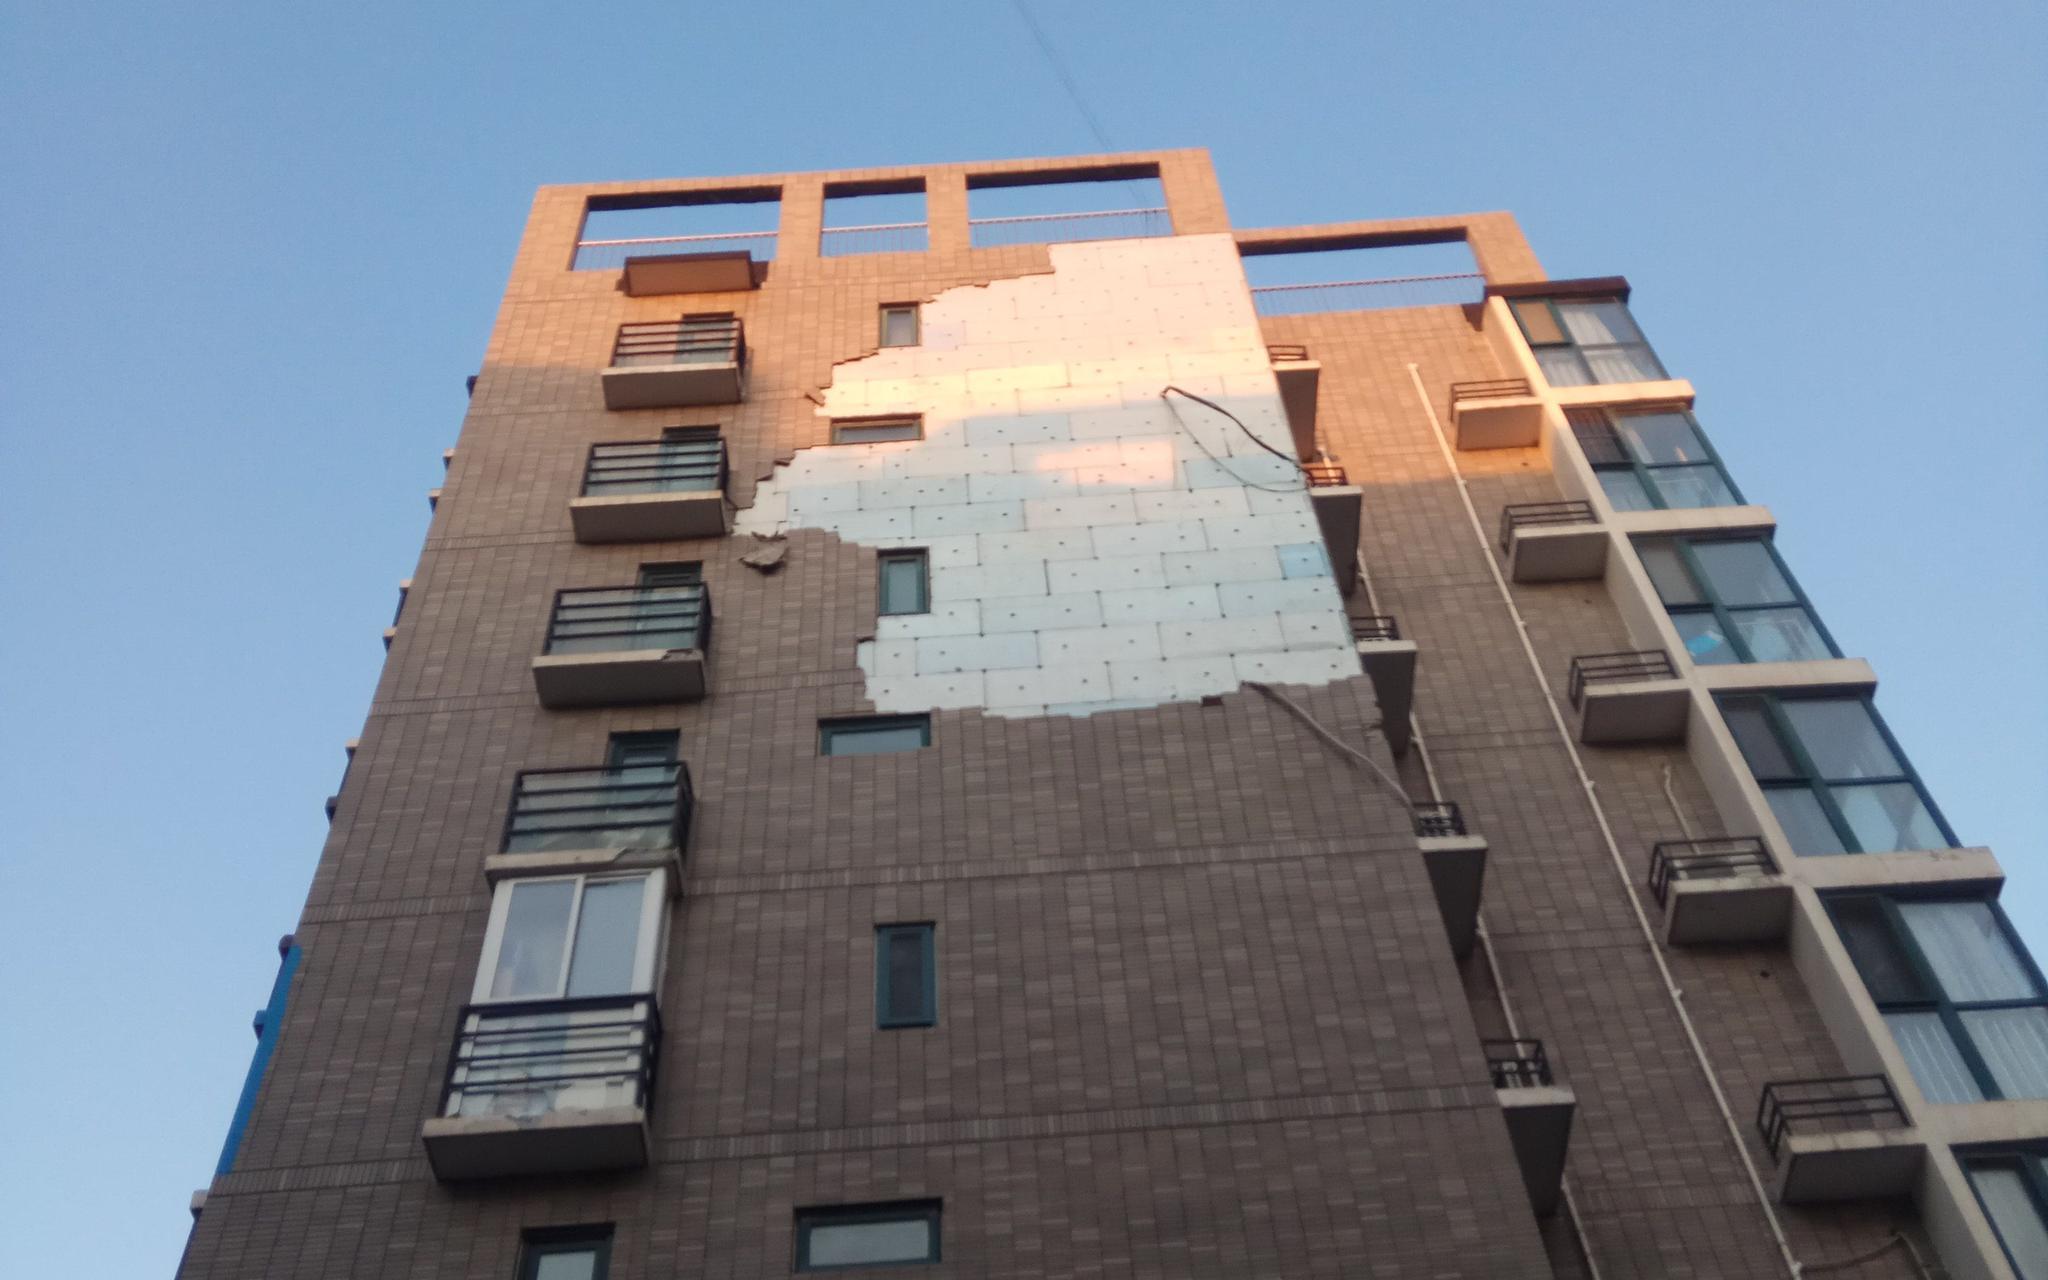 北京大风吹落楼房外墙墙砖 专家:开发商有责按时检查